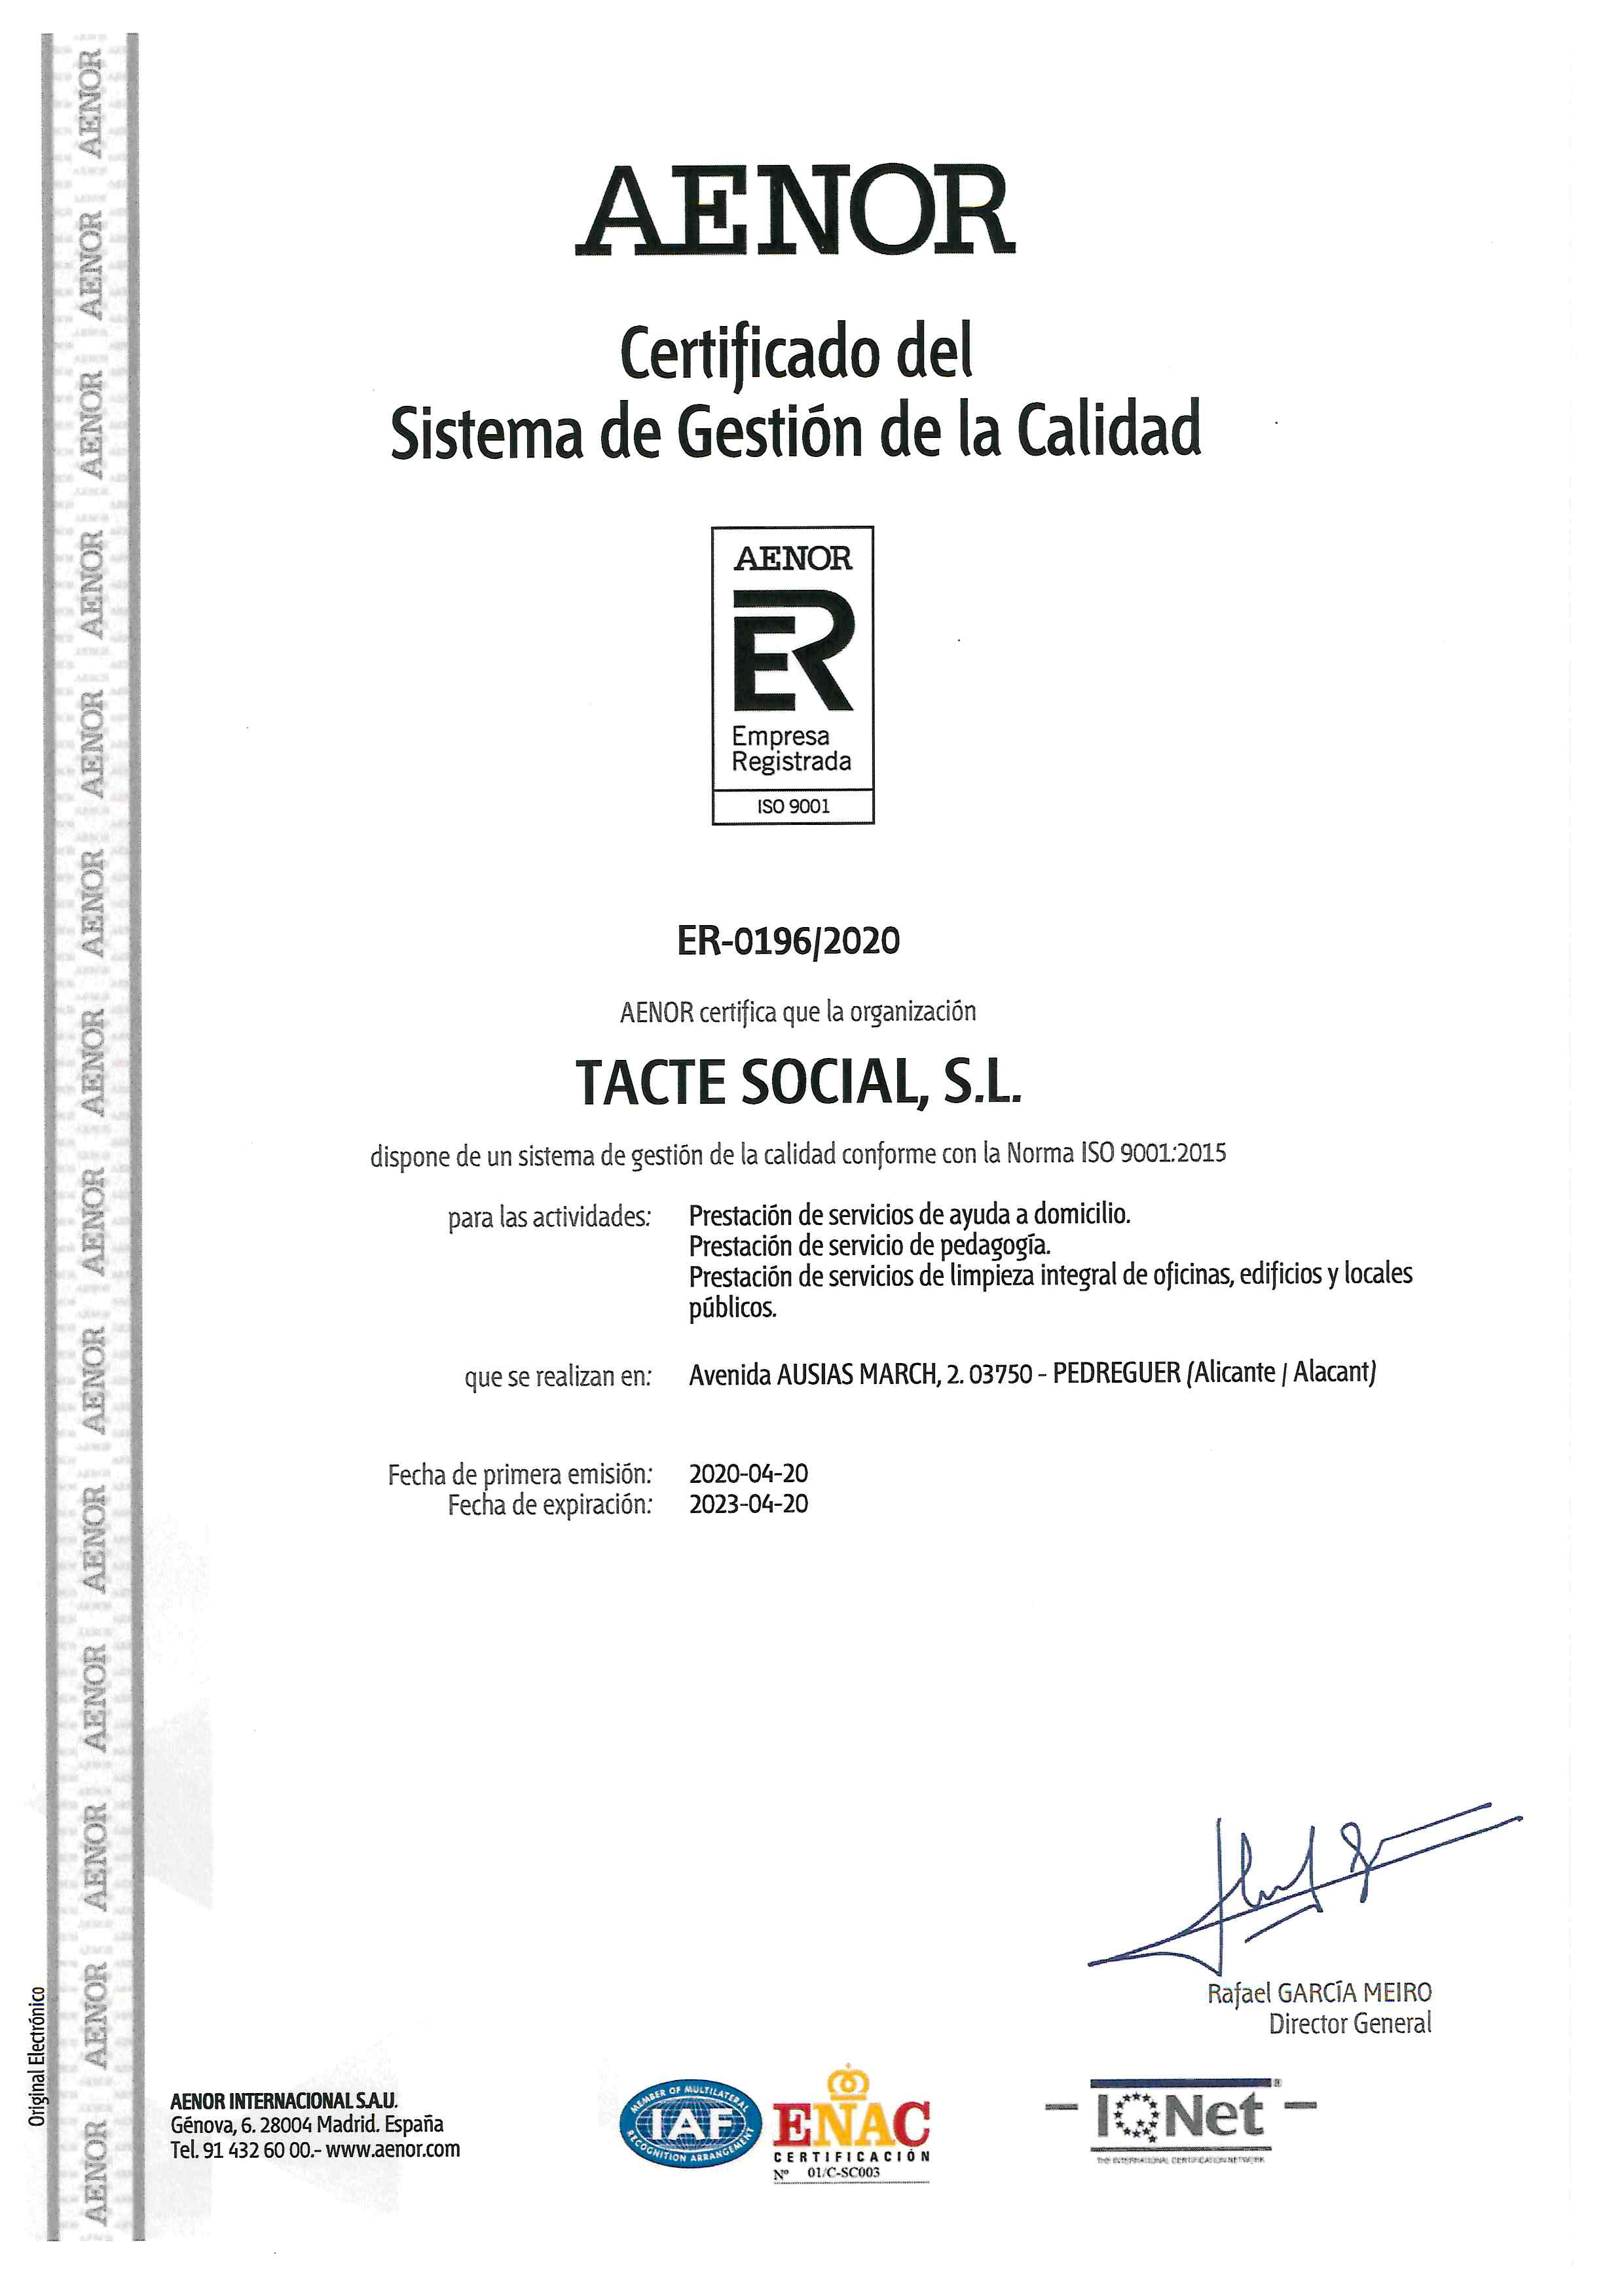 certificado aenor tacte social